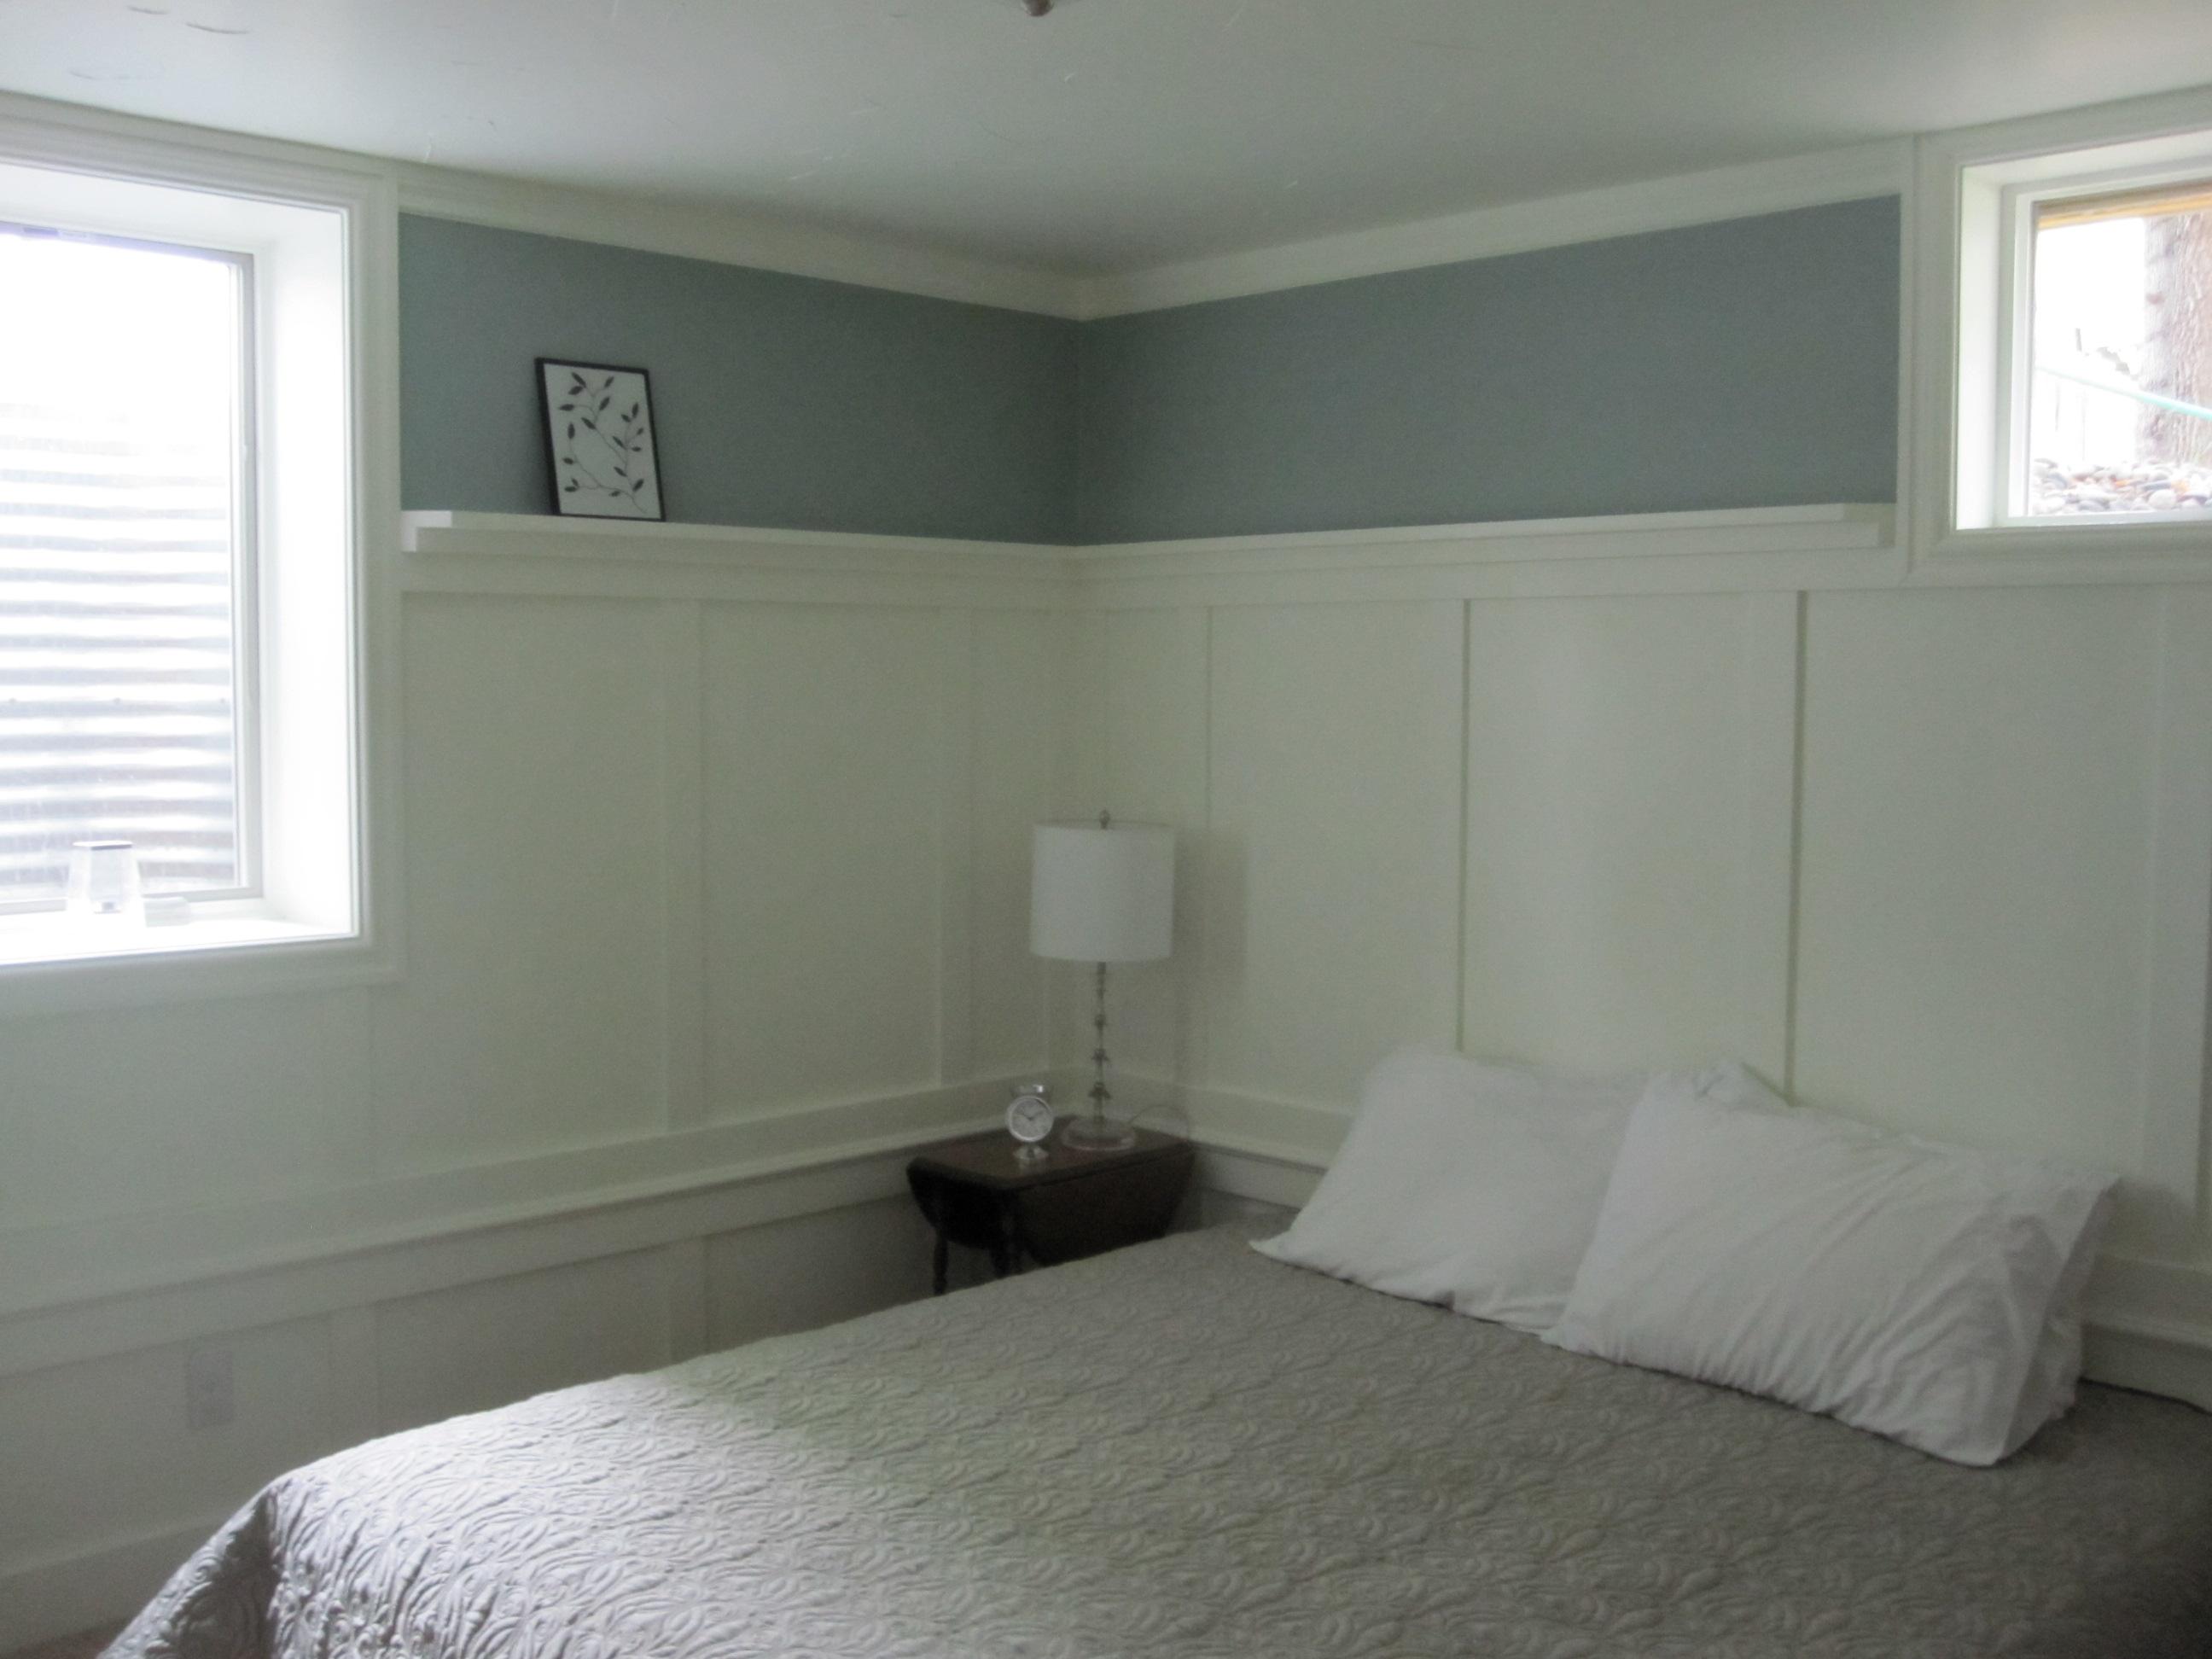 Lighten and brighten up for Basement bedroom ideas no windows